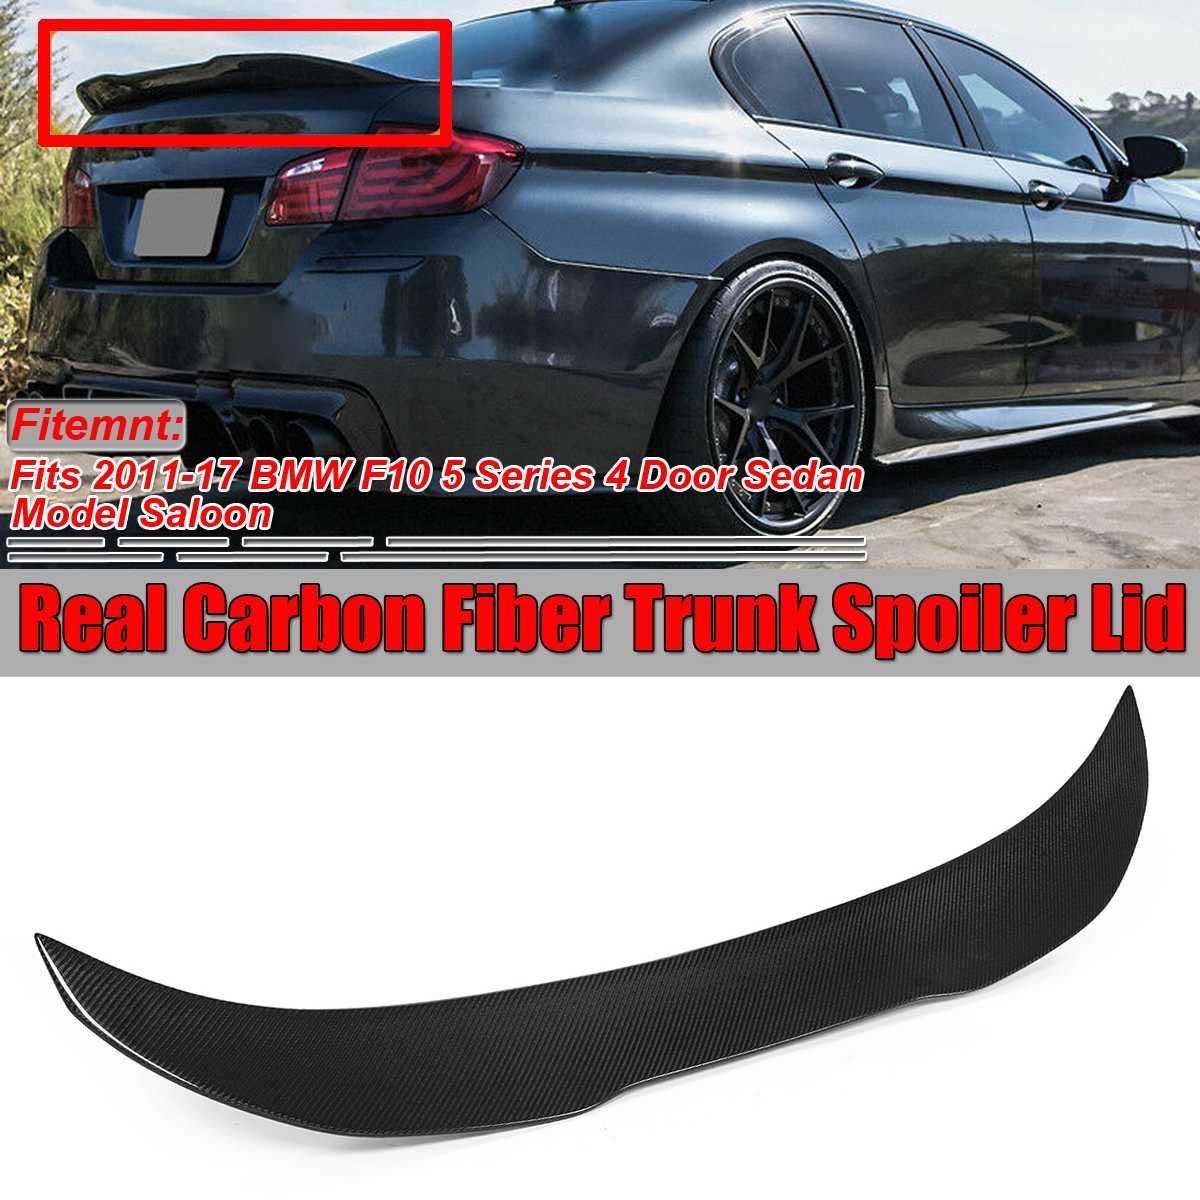 Nouveau PSM Style réel Fiber de carbone F10 voiture coffre arrière lèvre de coffre aileron aile couvercle pour BMW F10 5 série 4 Dr berline 2011-2017